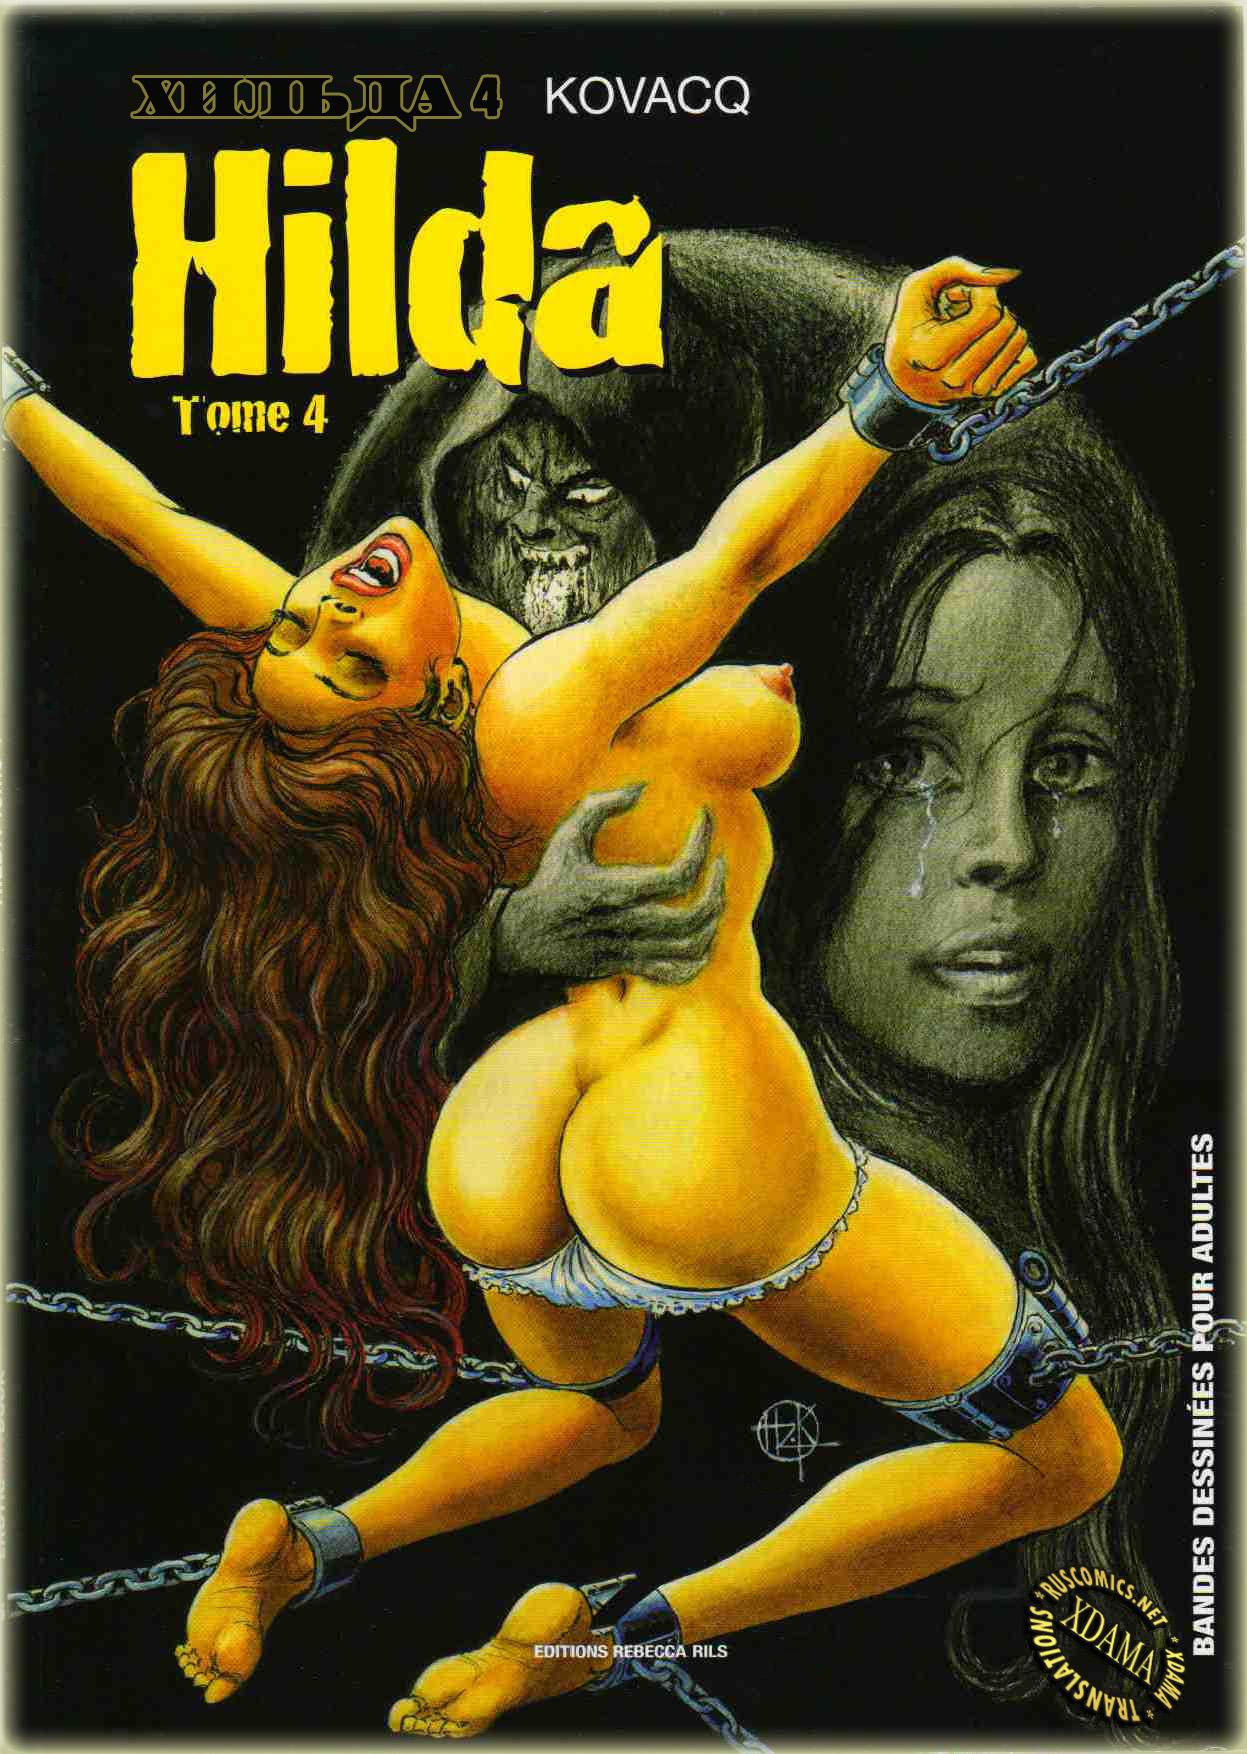 XDAMA-HILDA-4-00